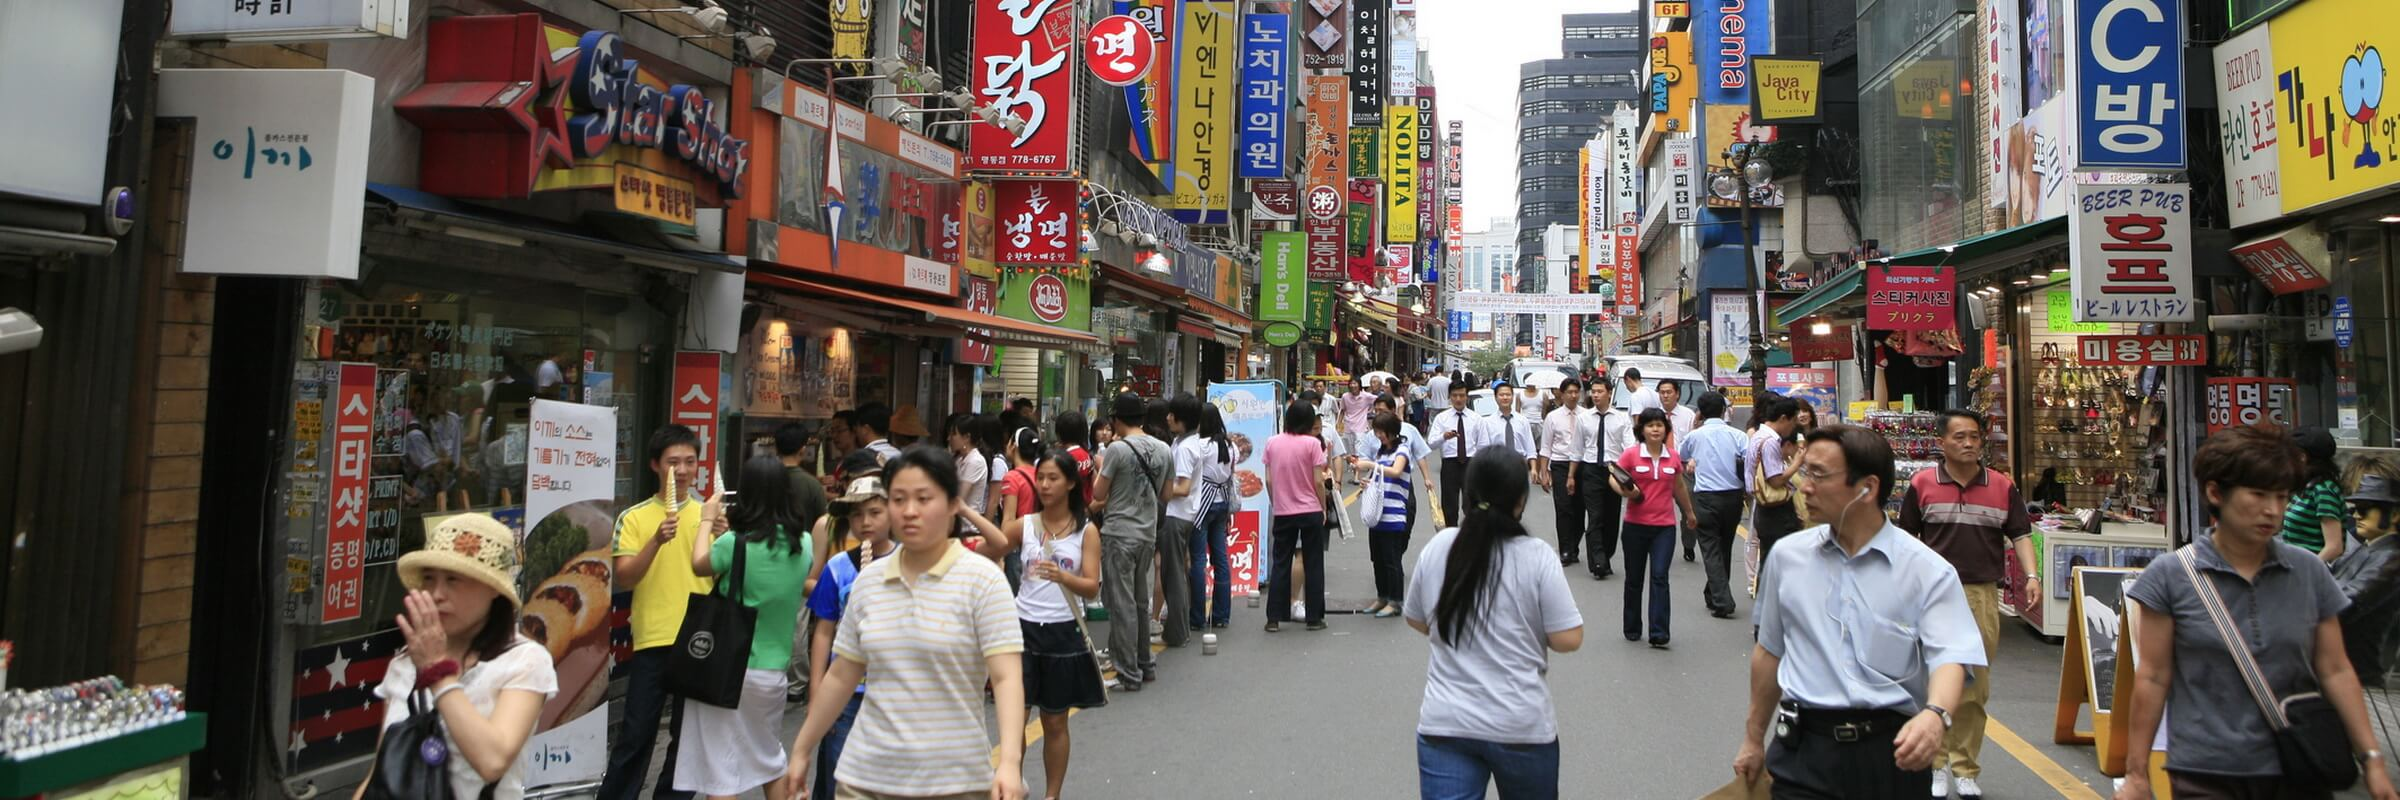 Das Einkaufsviertel Myeongdong ist einer der angesagtesten Orte in Seoul, sowohl unter Einheimischen als auch unter Touristen.